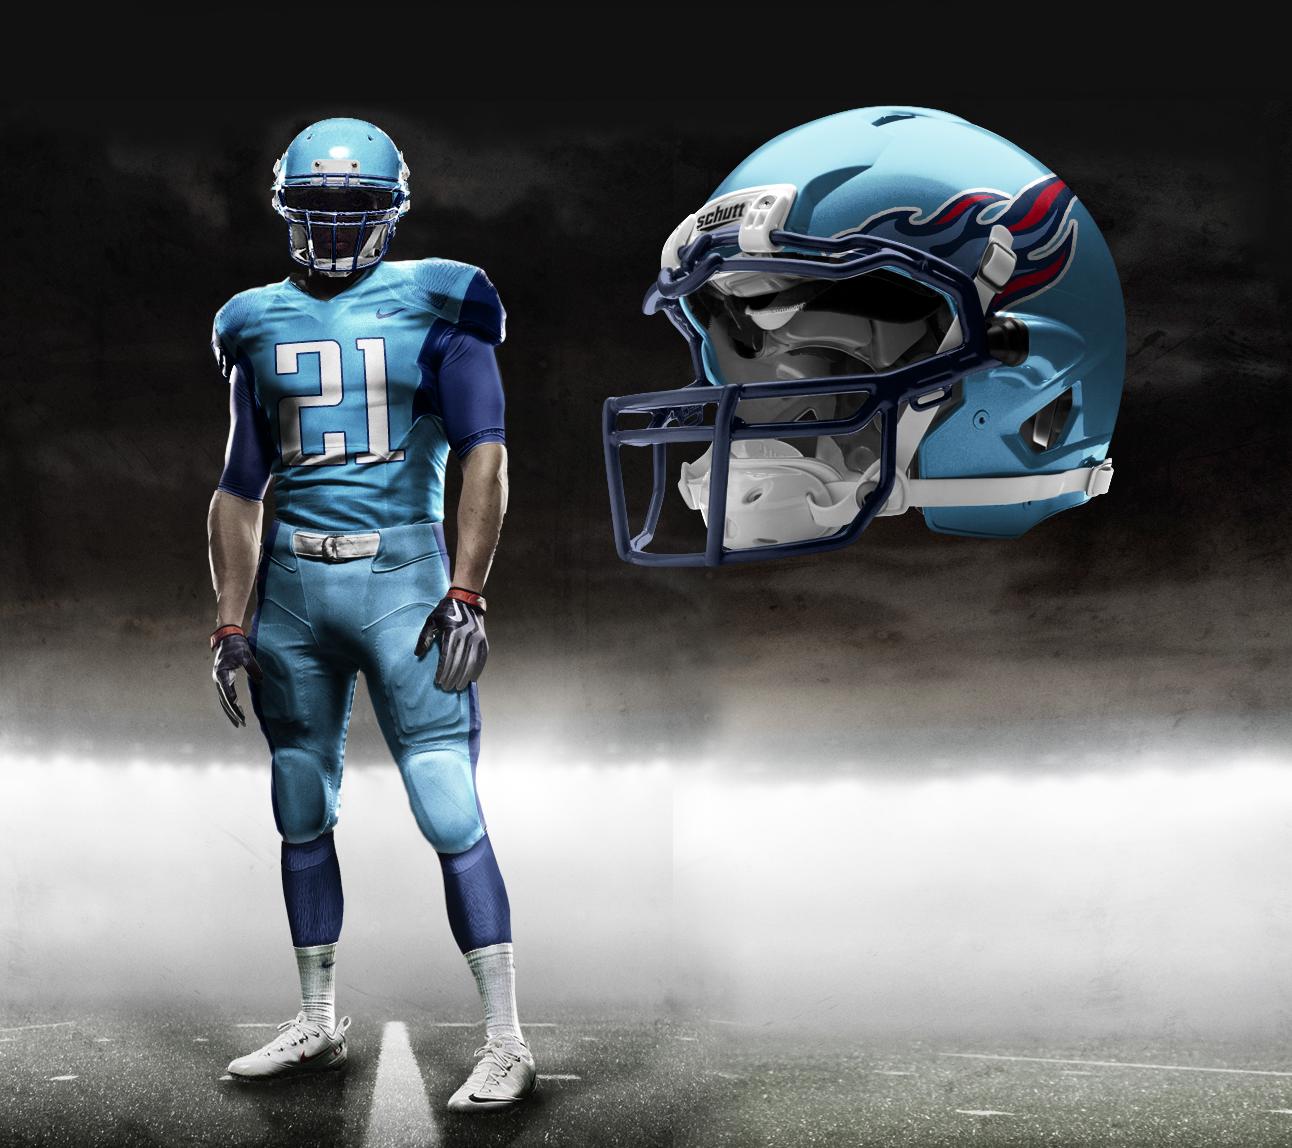 new texans jerseys 2016